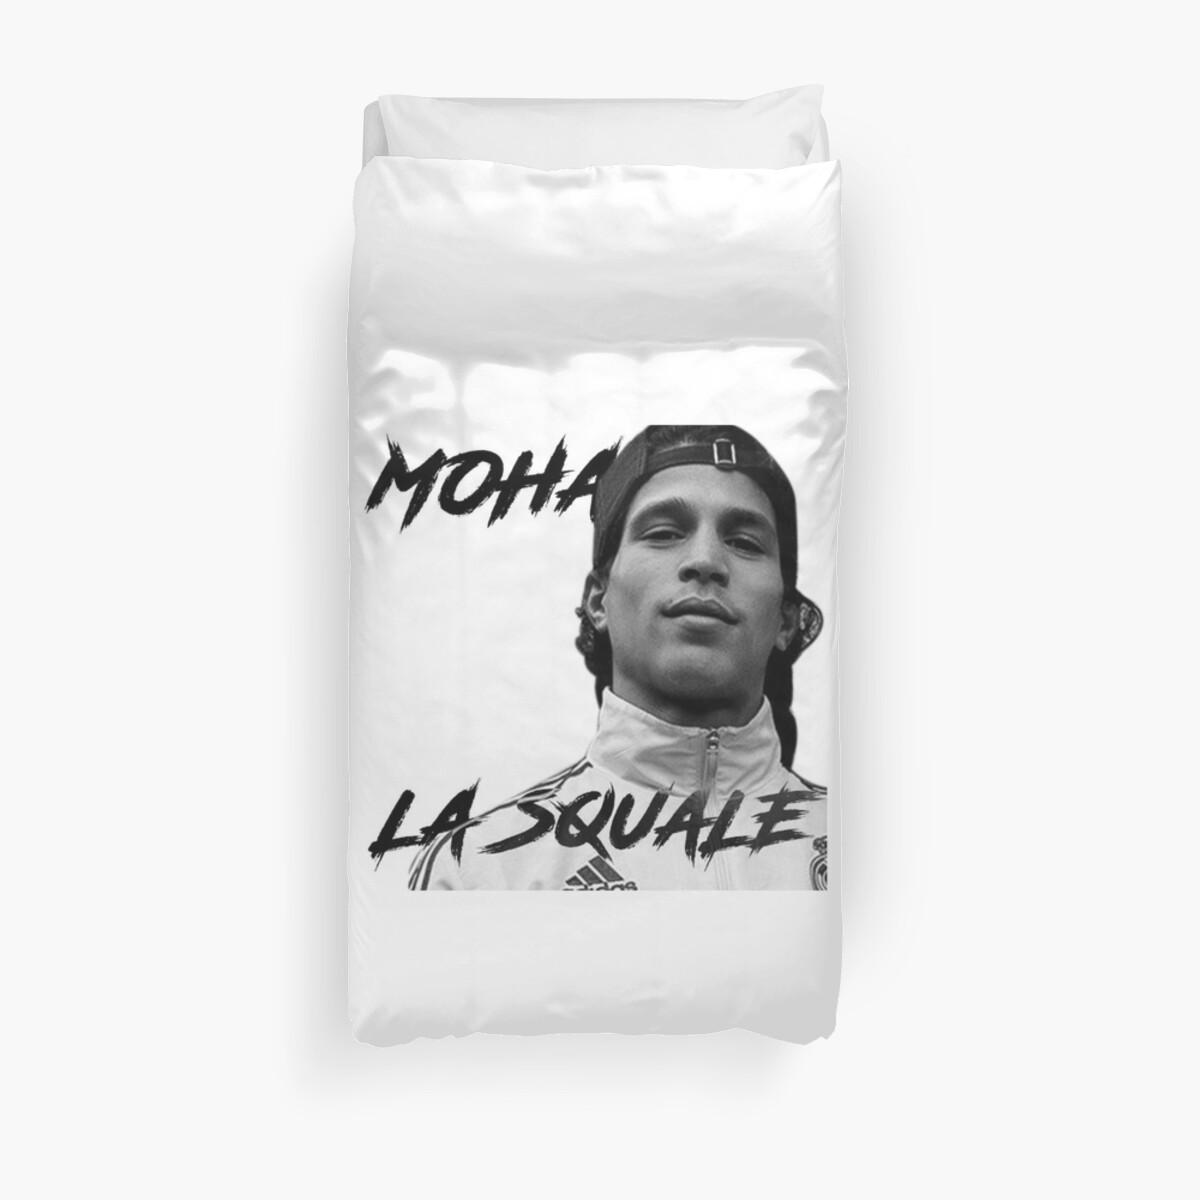 6c8bd46a3e Housse de couette « Moha La Squale », par F430 | Redbubble